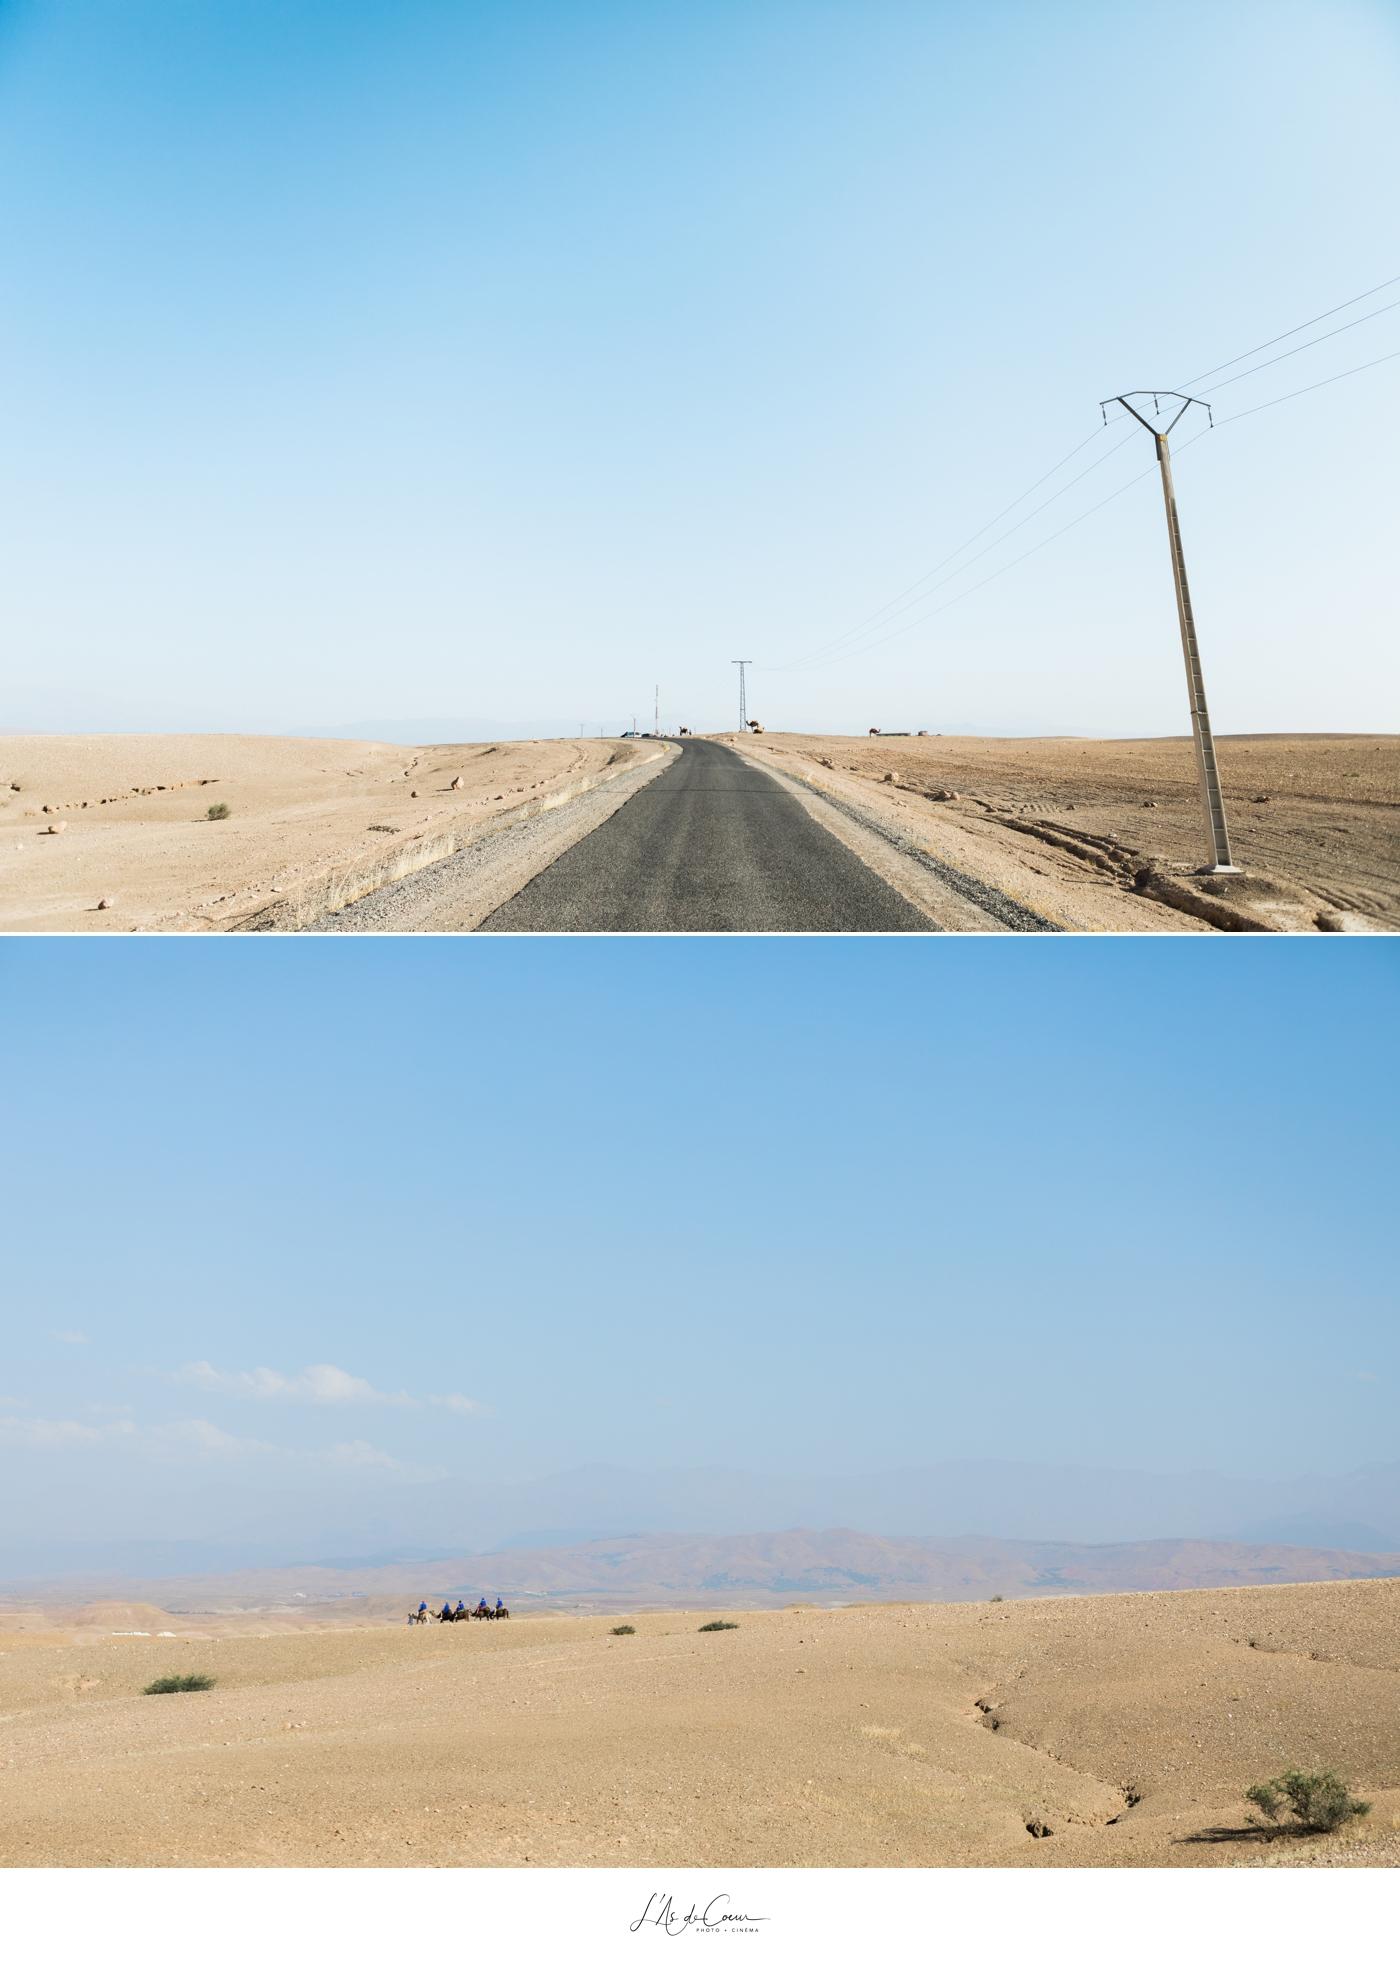 mariage desert Maroc